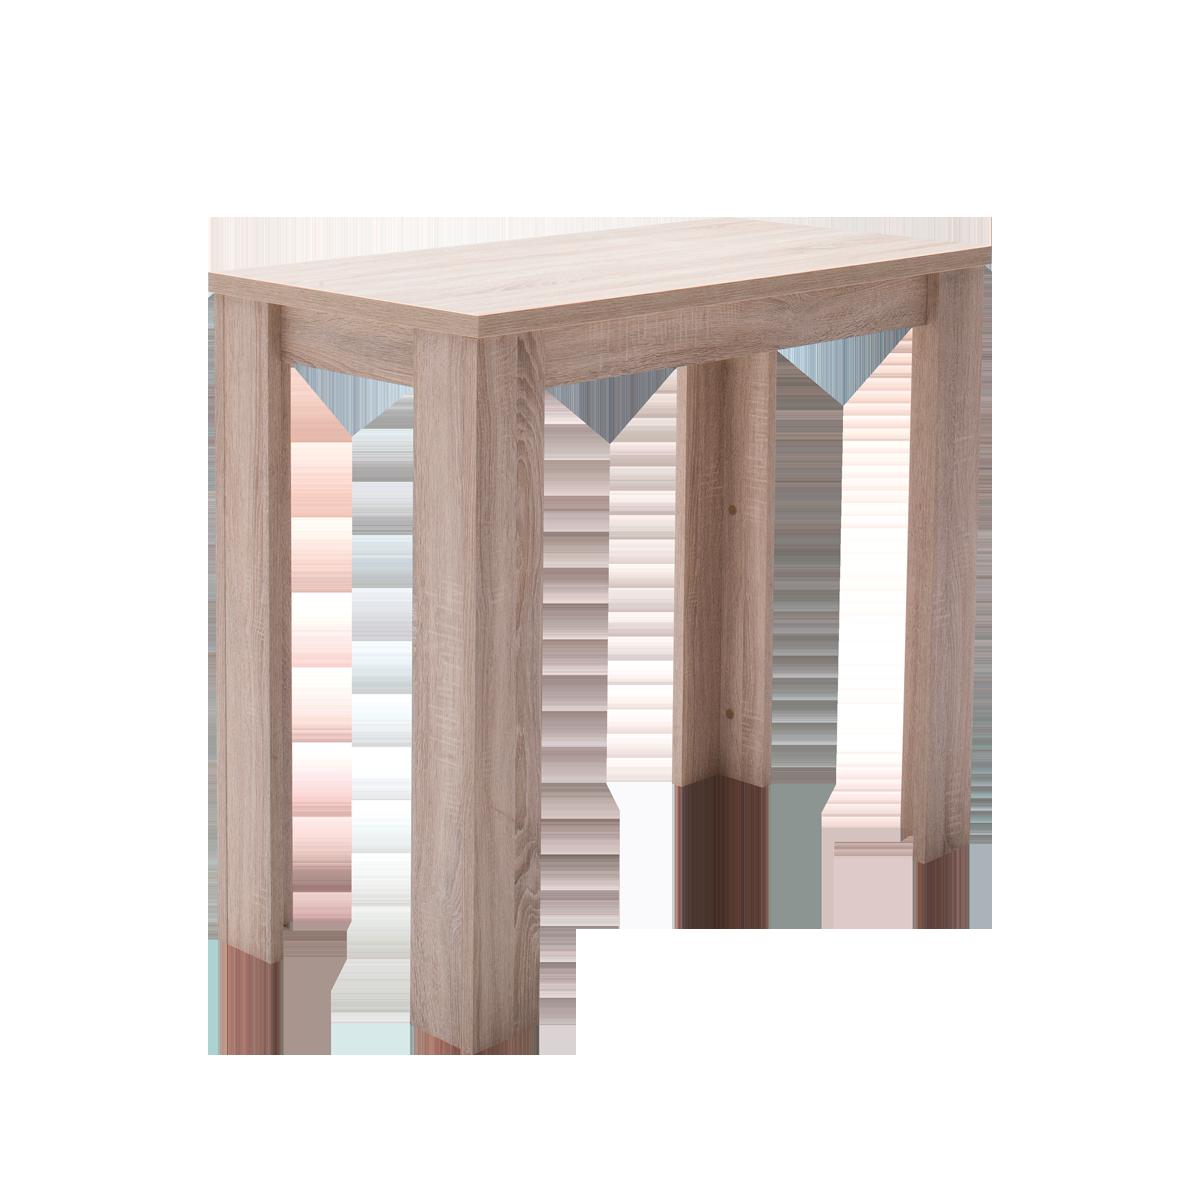 Mäusbacher Bartisch 2.0 rechteckig ca. 120 x 60 cm für Esszimmer Küche oder  Partyraum mit wählbarer Ausführung Artikelnummer 0582_120